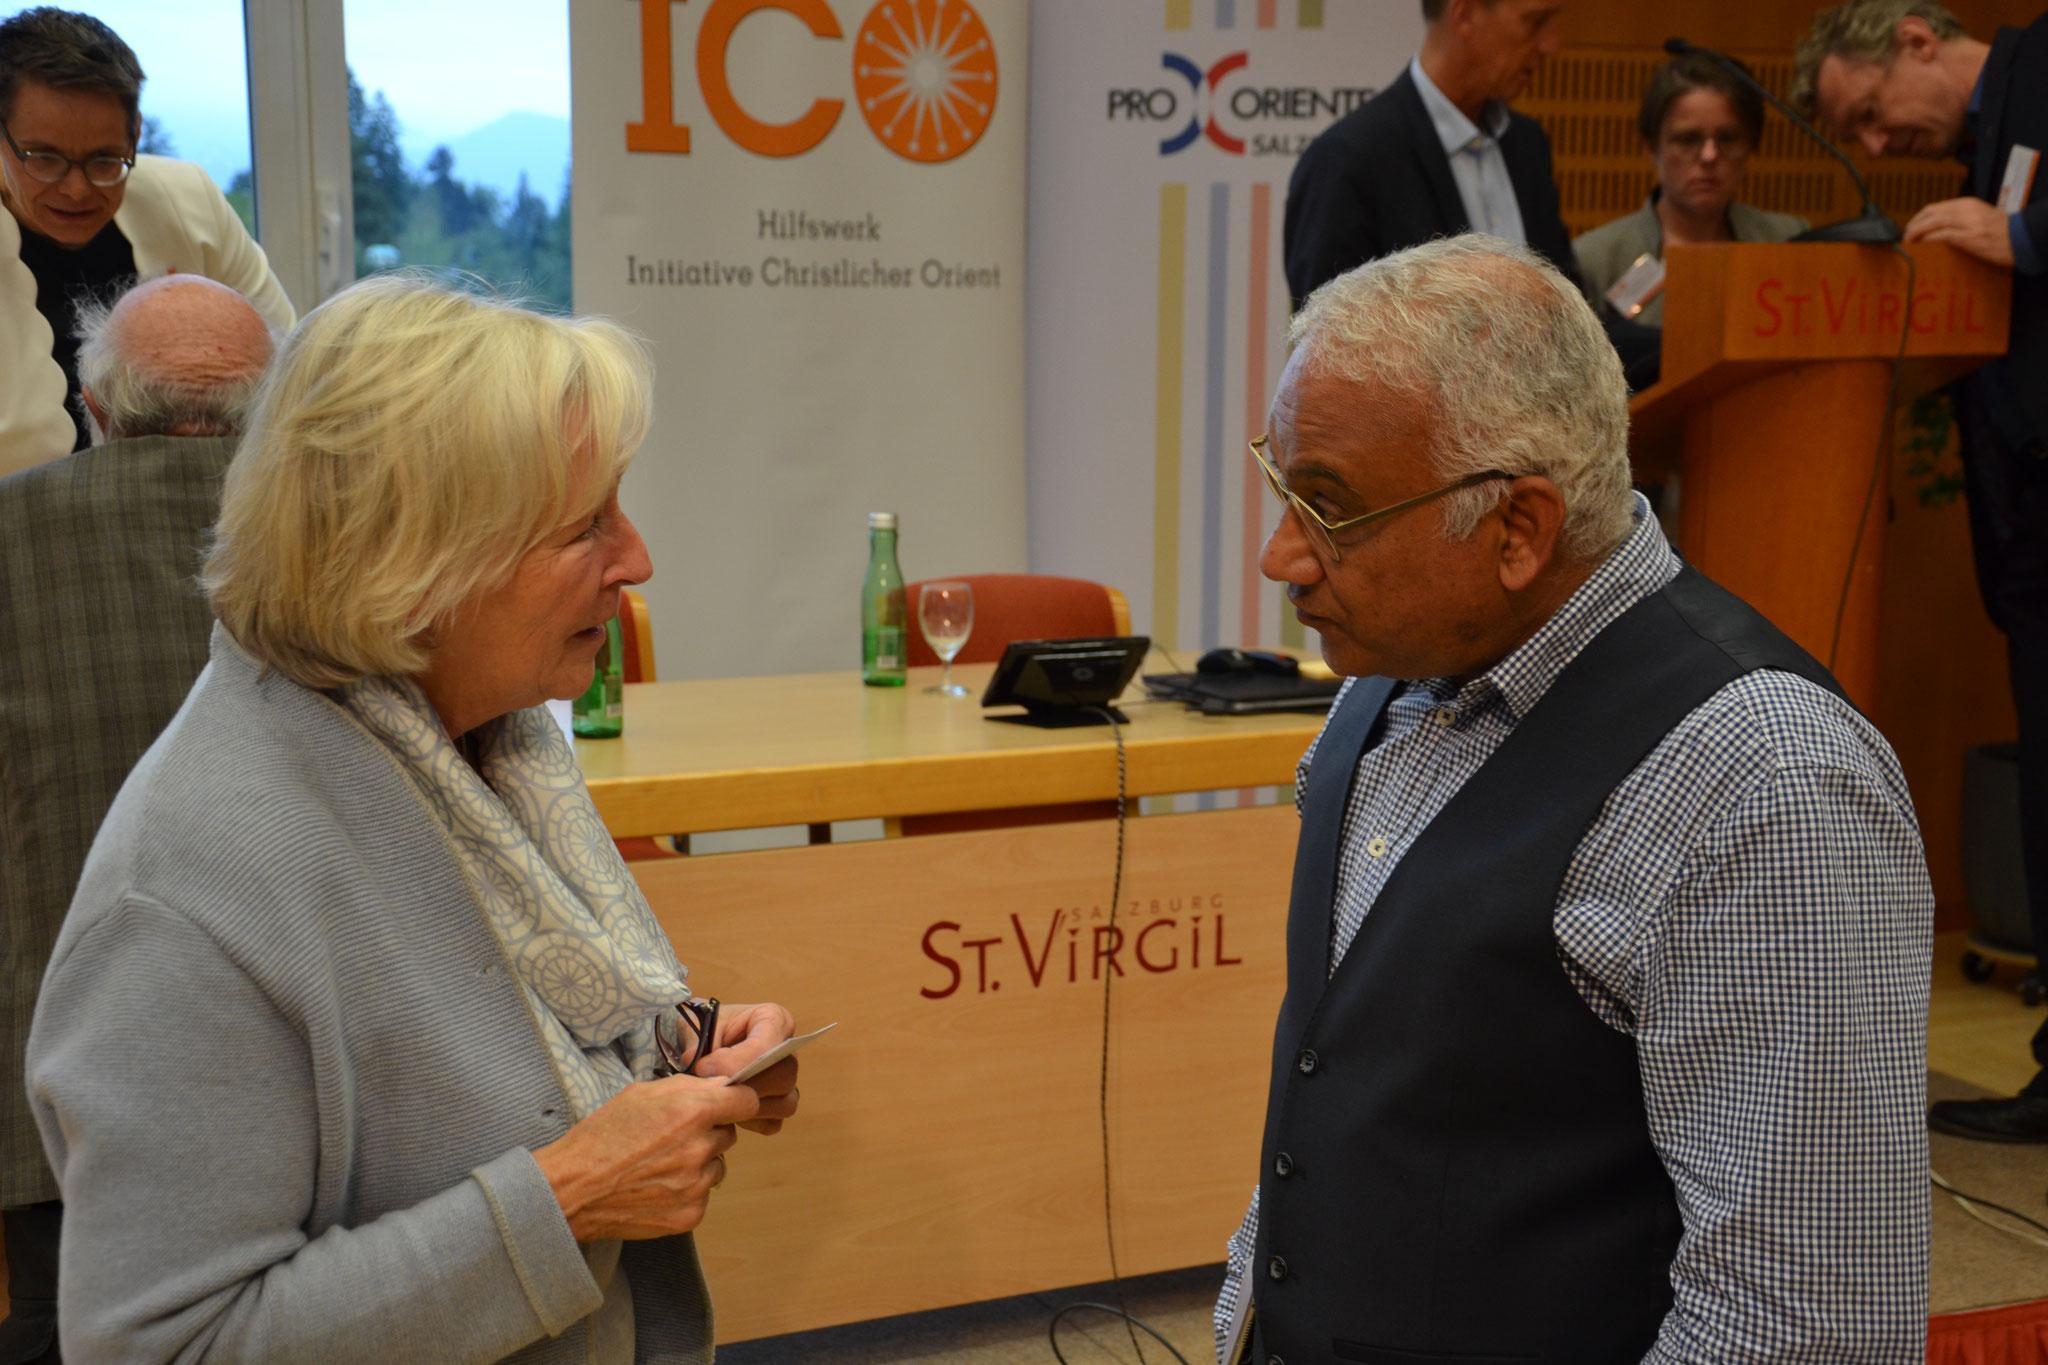 Auch das macht den besonderen Reiz der ICO-Tagungen aus: die vielen Gespräche am Rande des offiziellen Programms.